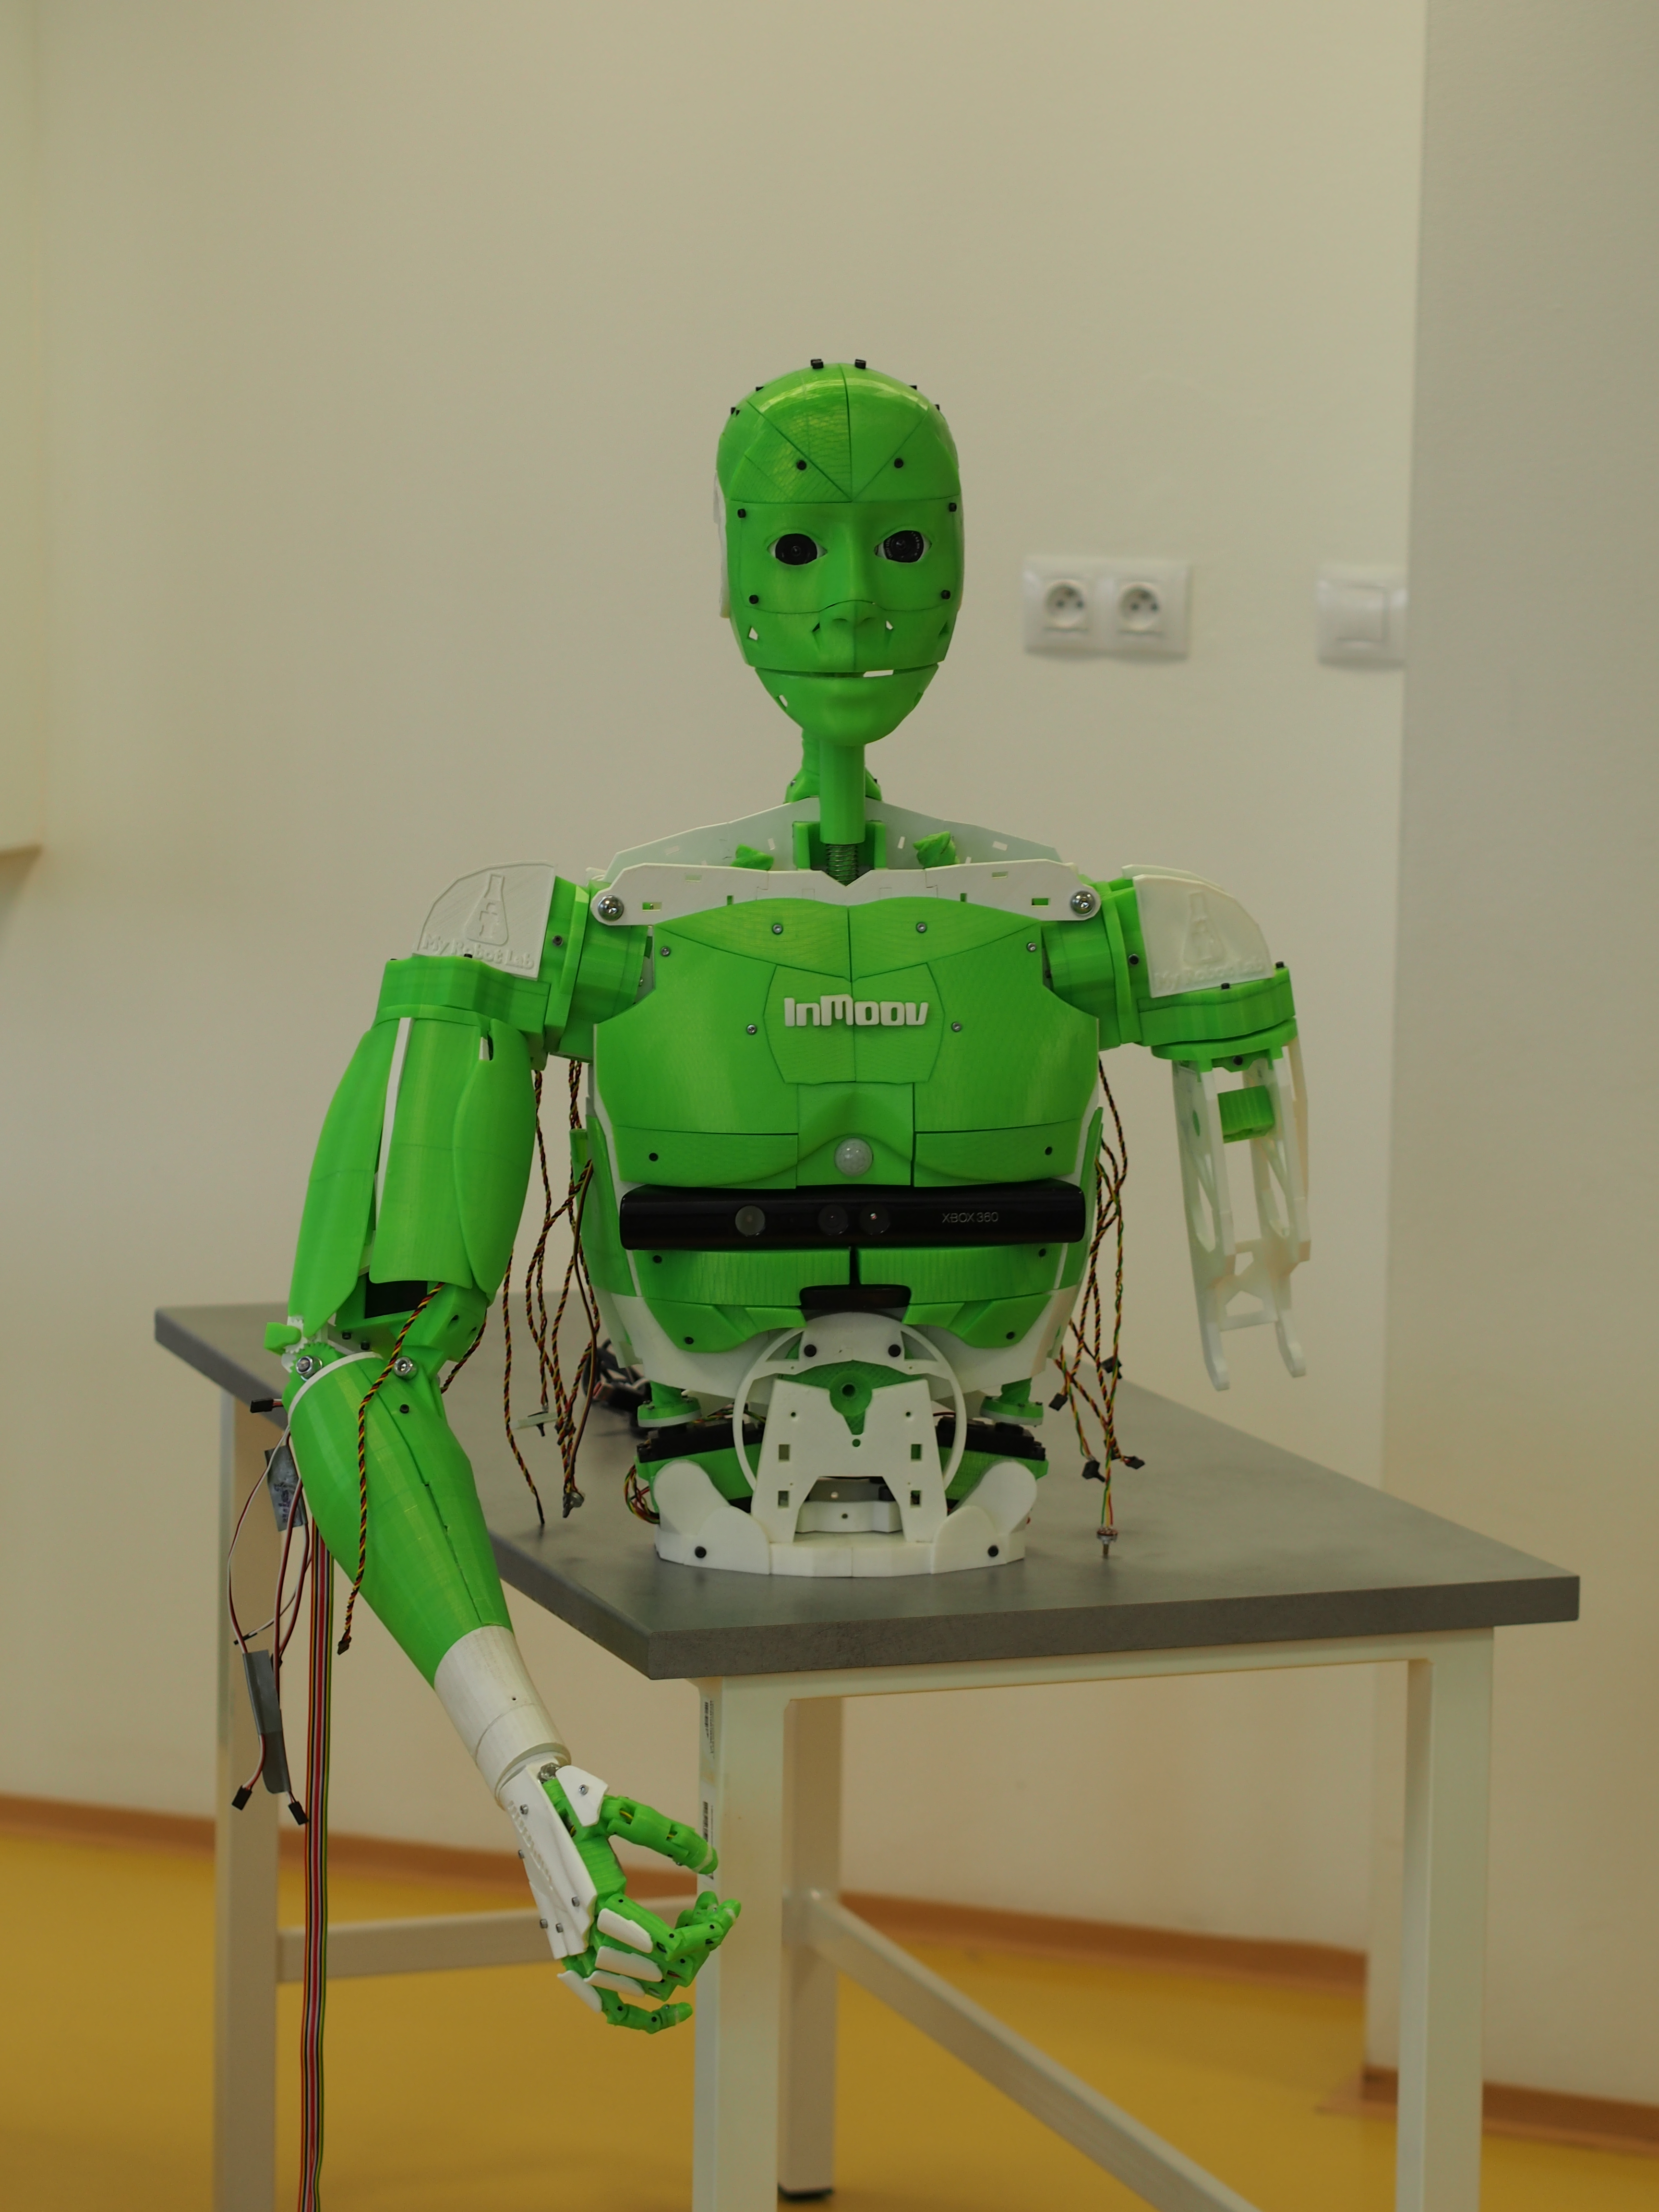 Simulace a 3D modelování - Animatronický robot vyrobený metodou 3D tisku